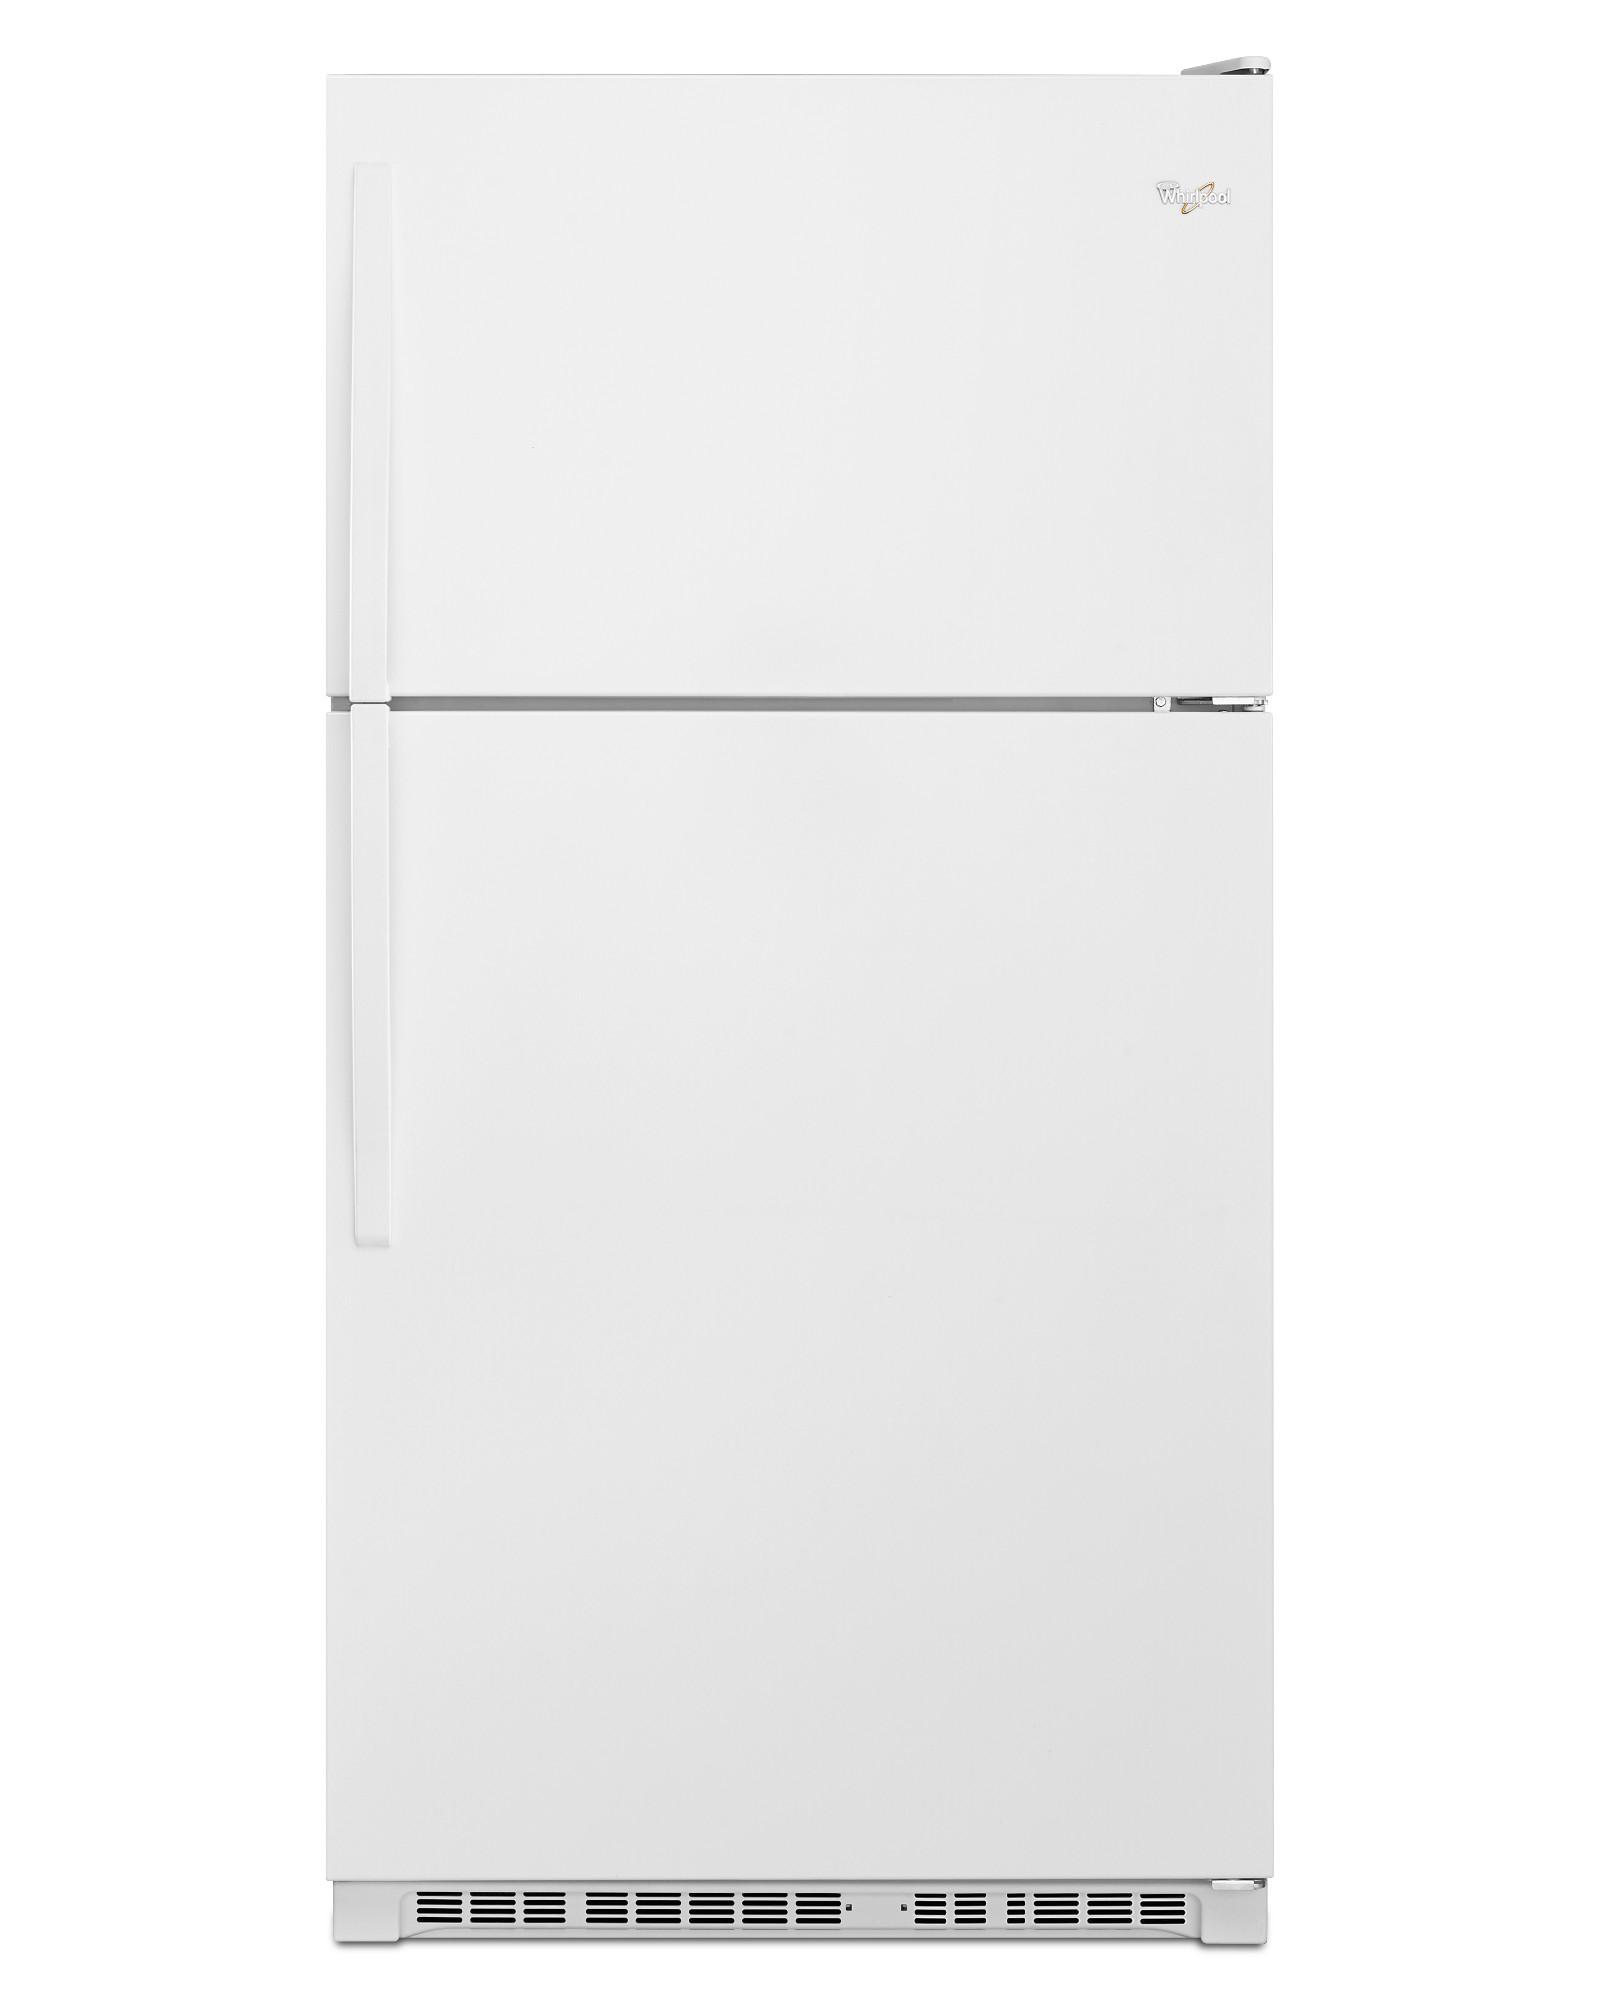 Whirlpool Wrt311fzdw 20 5 Cu Ft Top Freezer Refrigerator